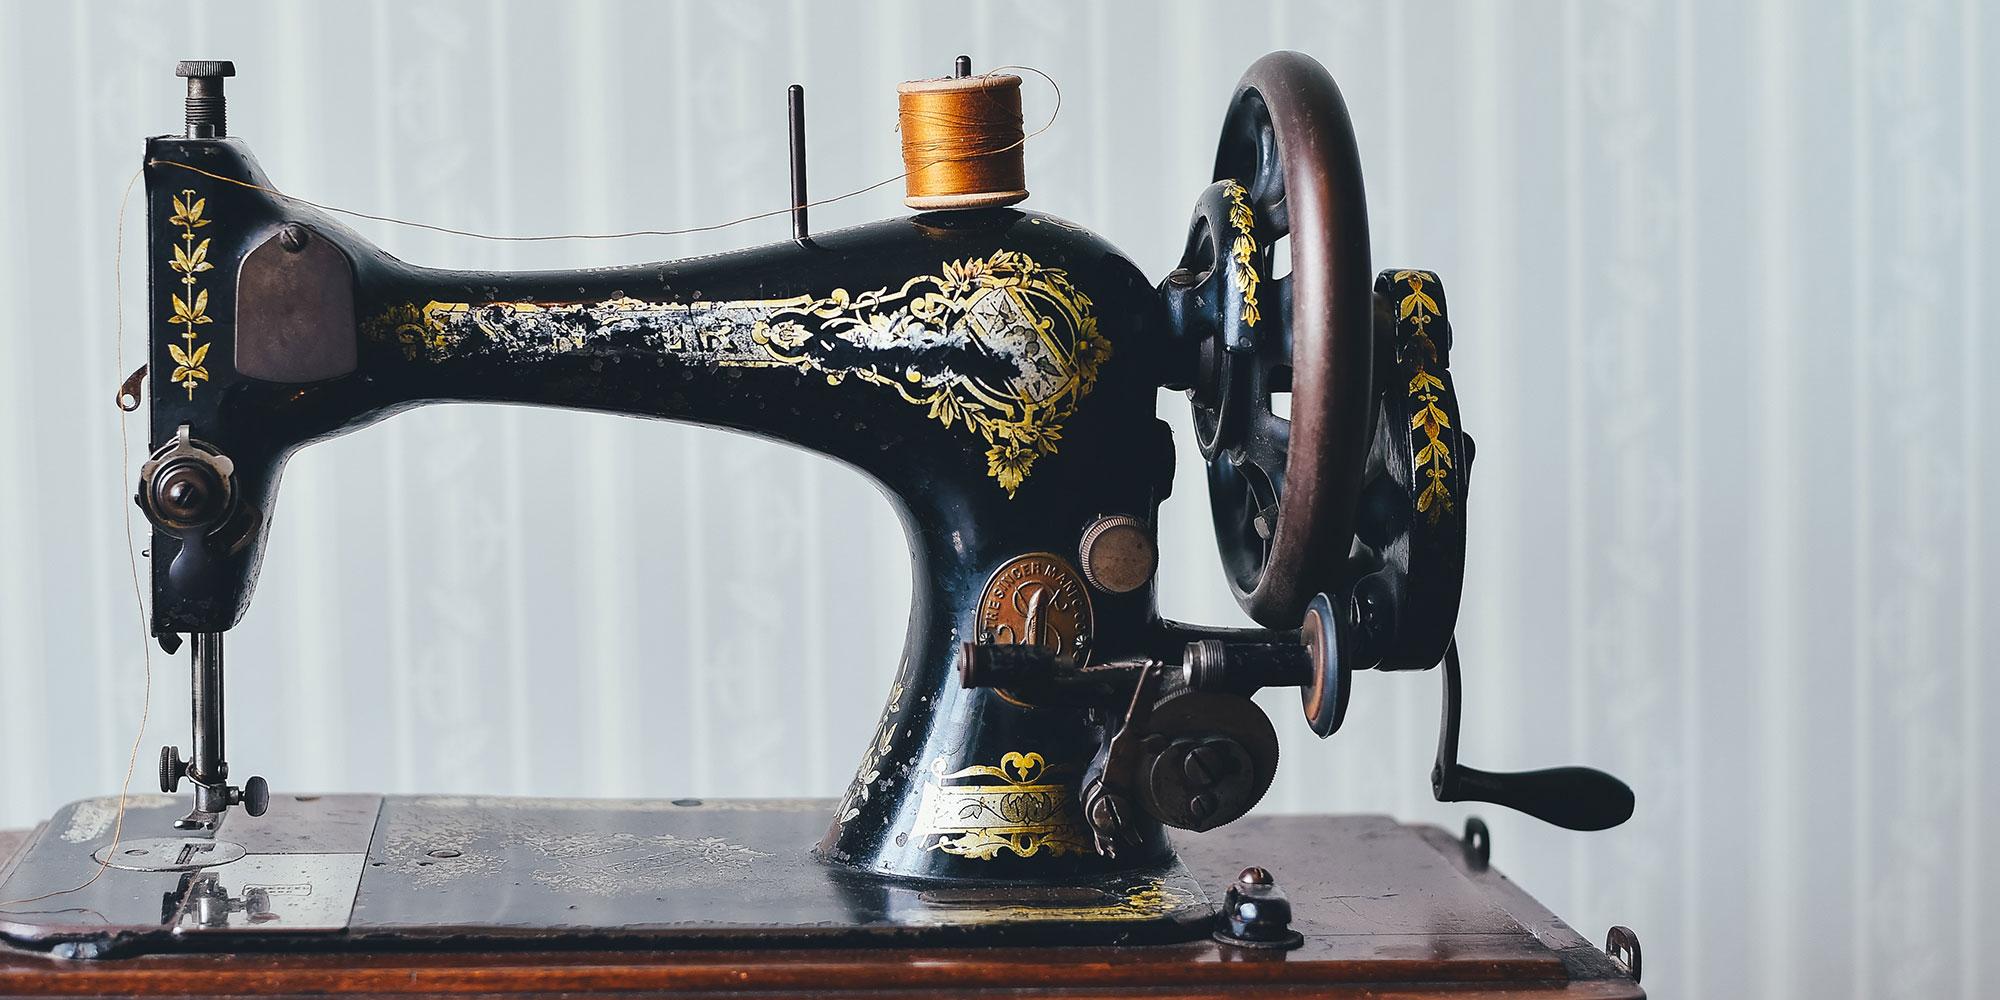 Cucire Cuscino Senza Cerniera corso di cucito creativo e a macchina a milano